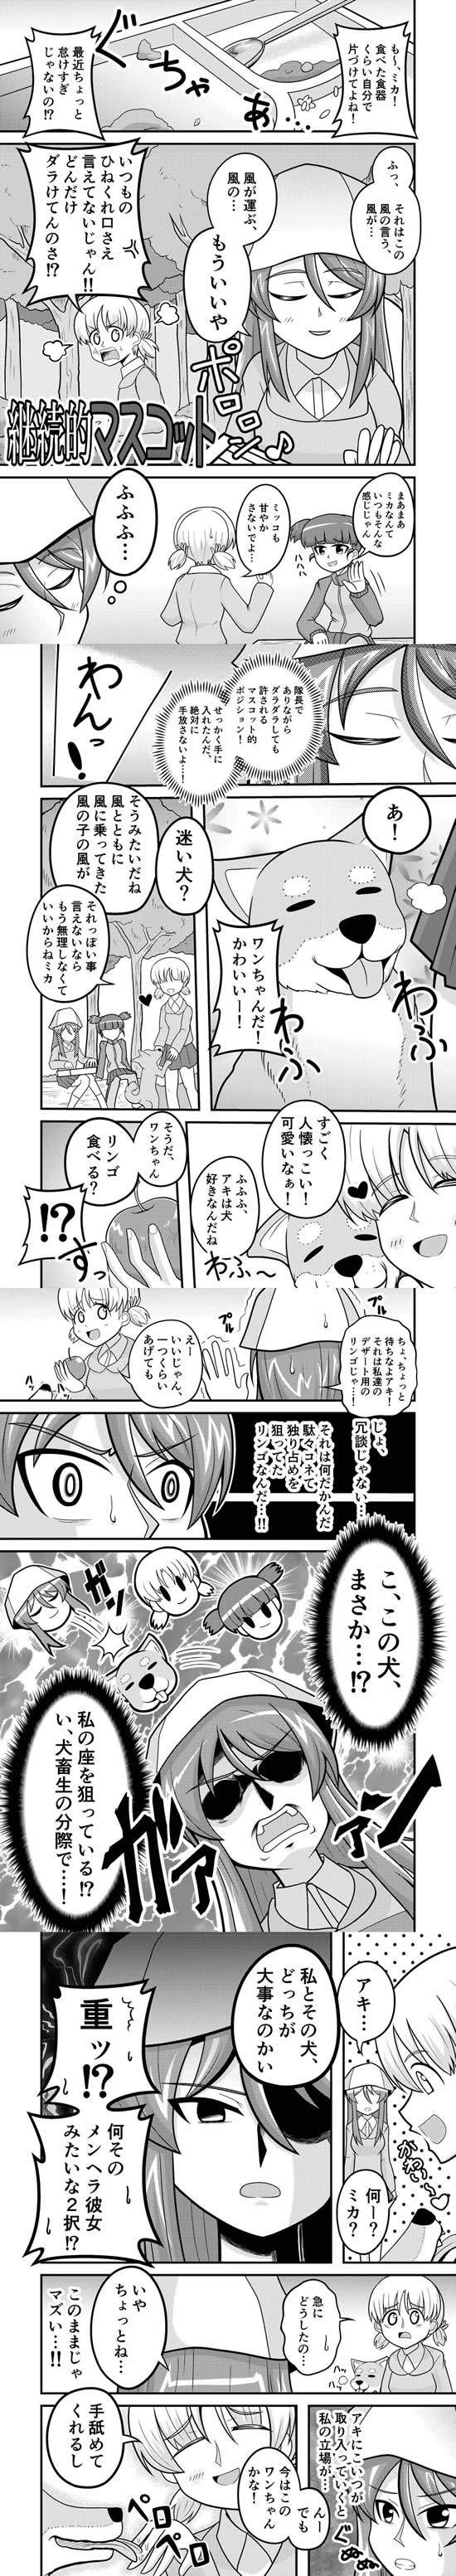 ガールズ&パンツァー 漫画 ミカ 犬 01